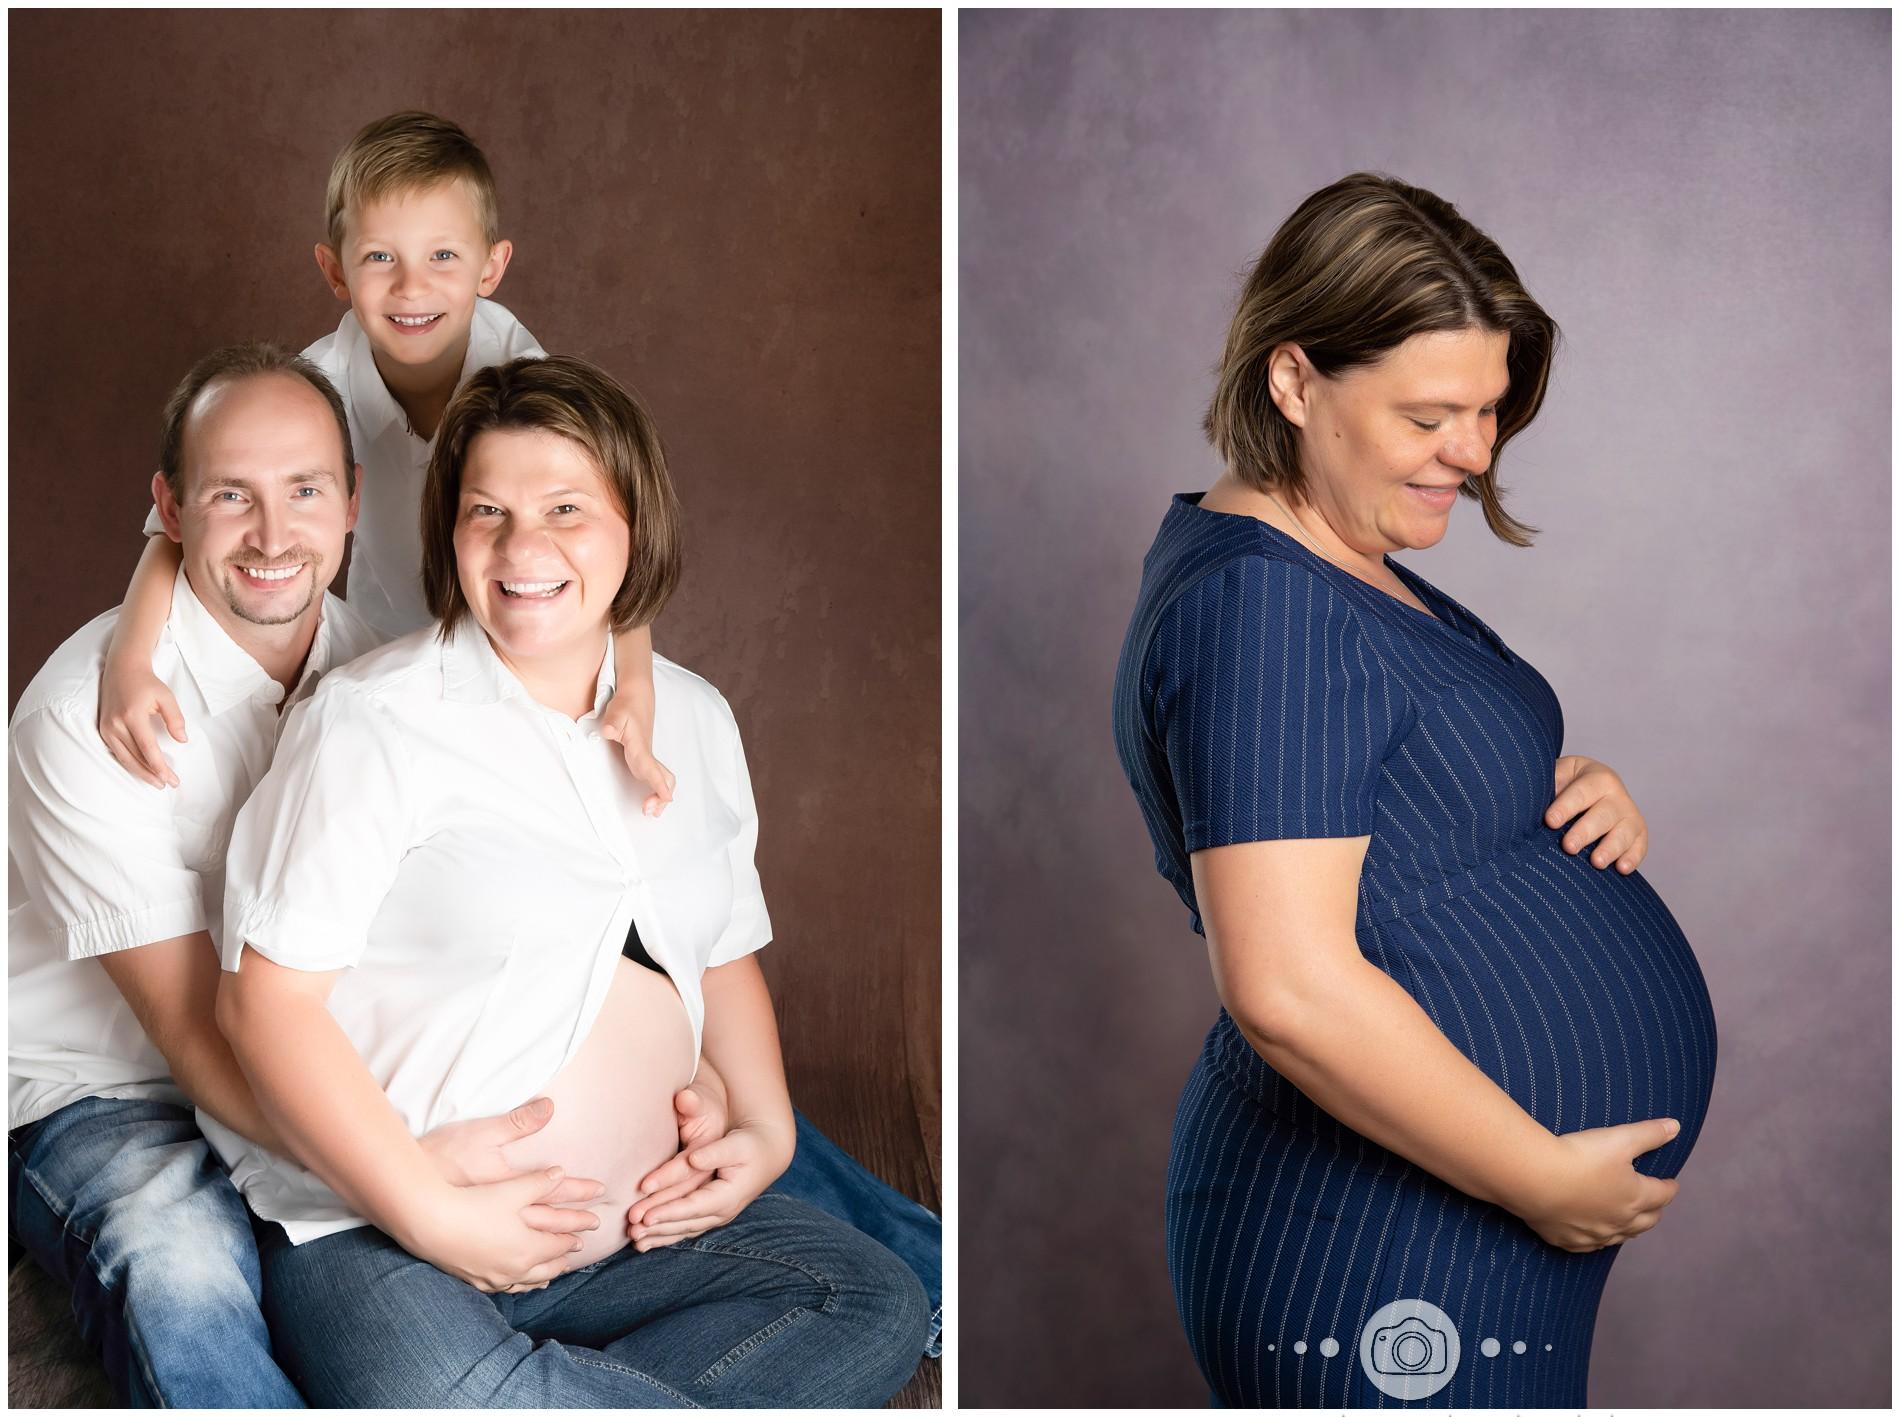 19-08-05 02 Neugeborenenfotos Plauen - Stephanie Scharschmidt